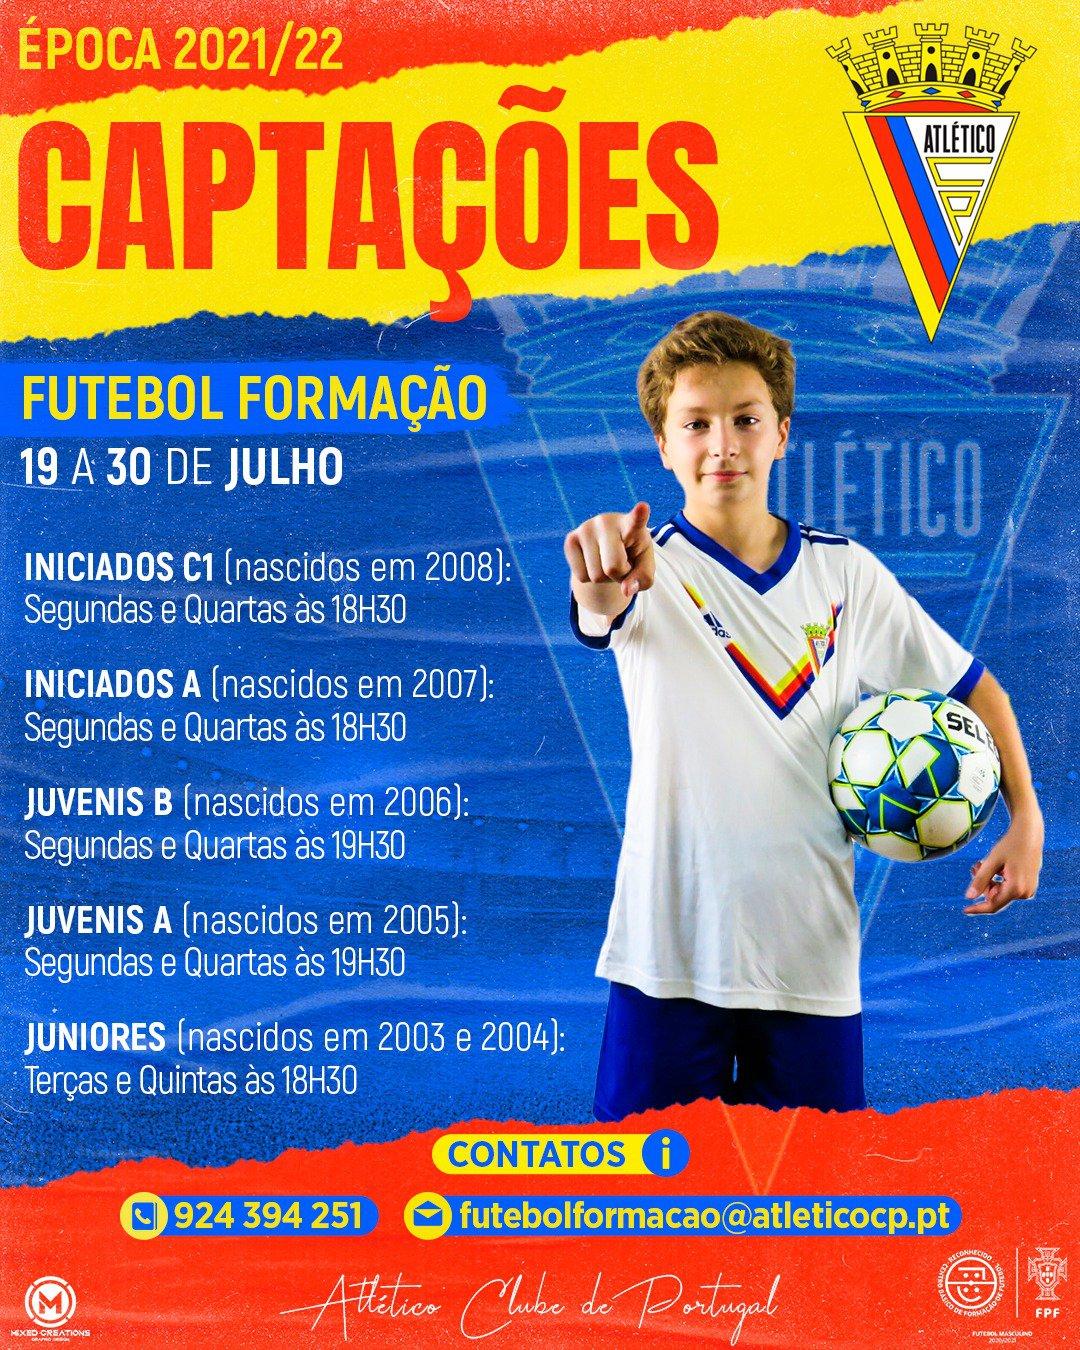 Futebol Formação - Captações